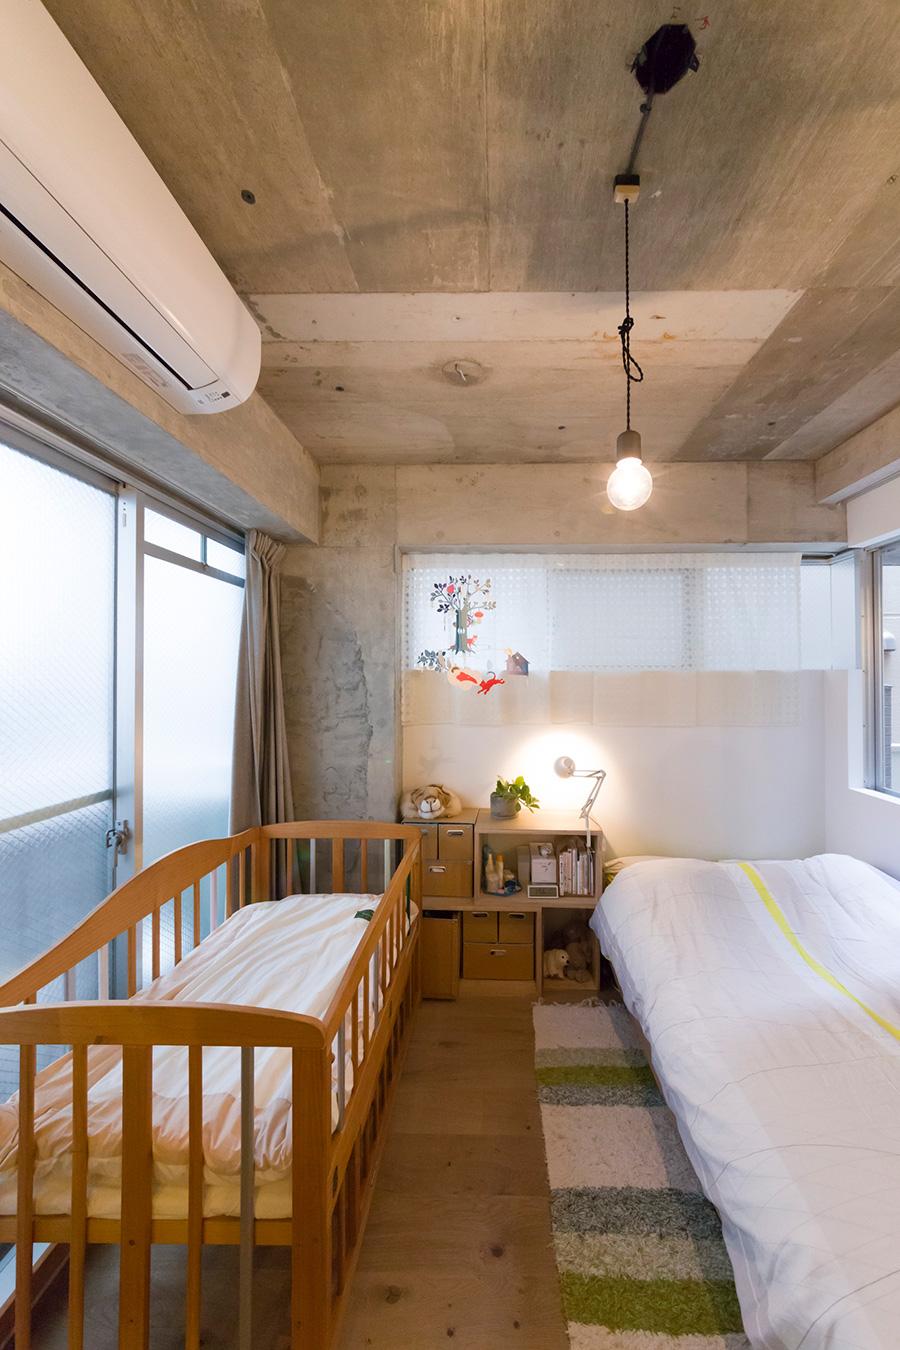 ベビーベッドが並ぶ寝室。